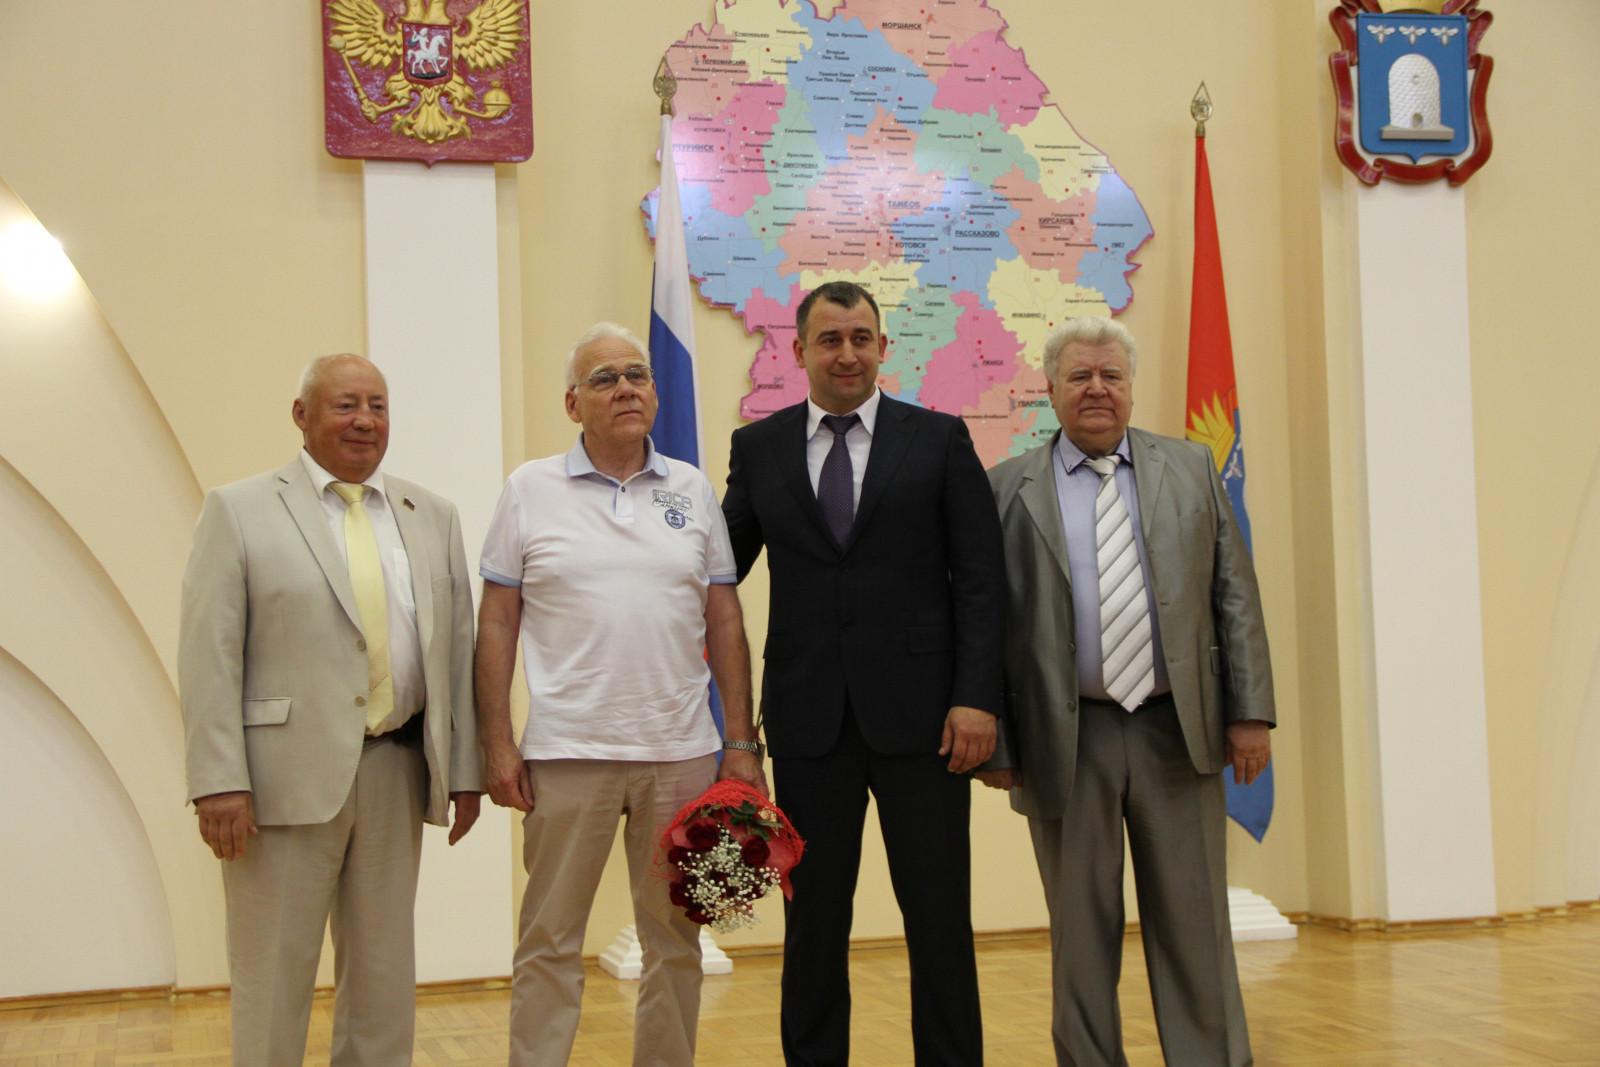 Арсен Габуев: «В строительной отрасли региона все должно быть четко, прозрачно и честно»